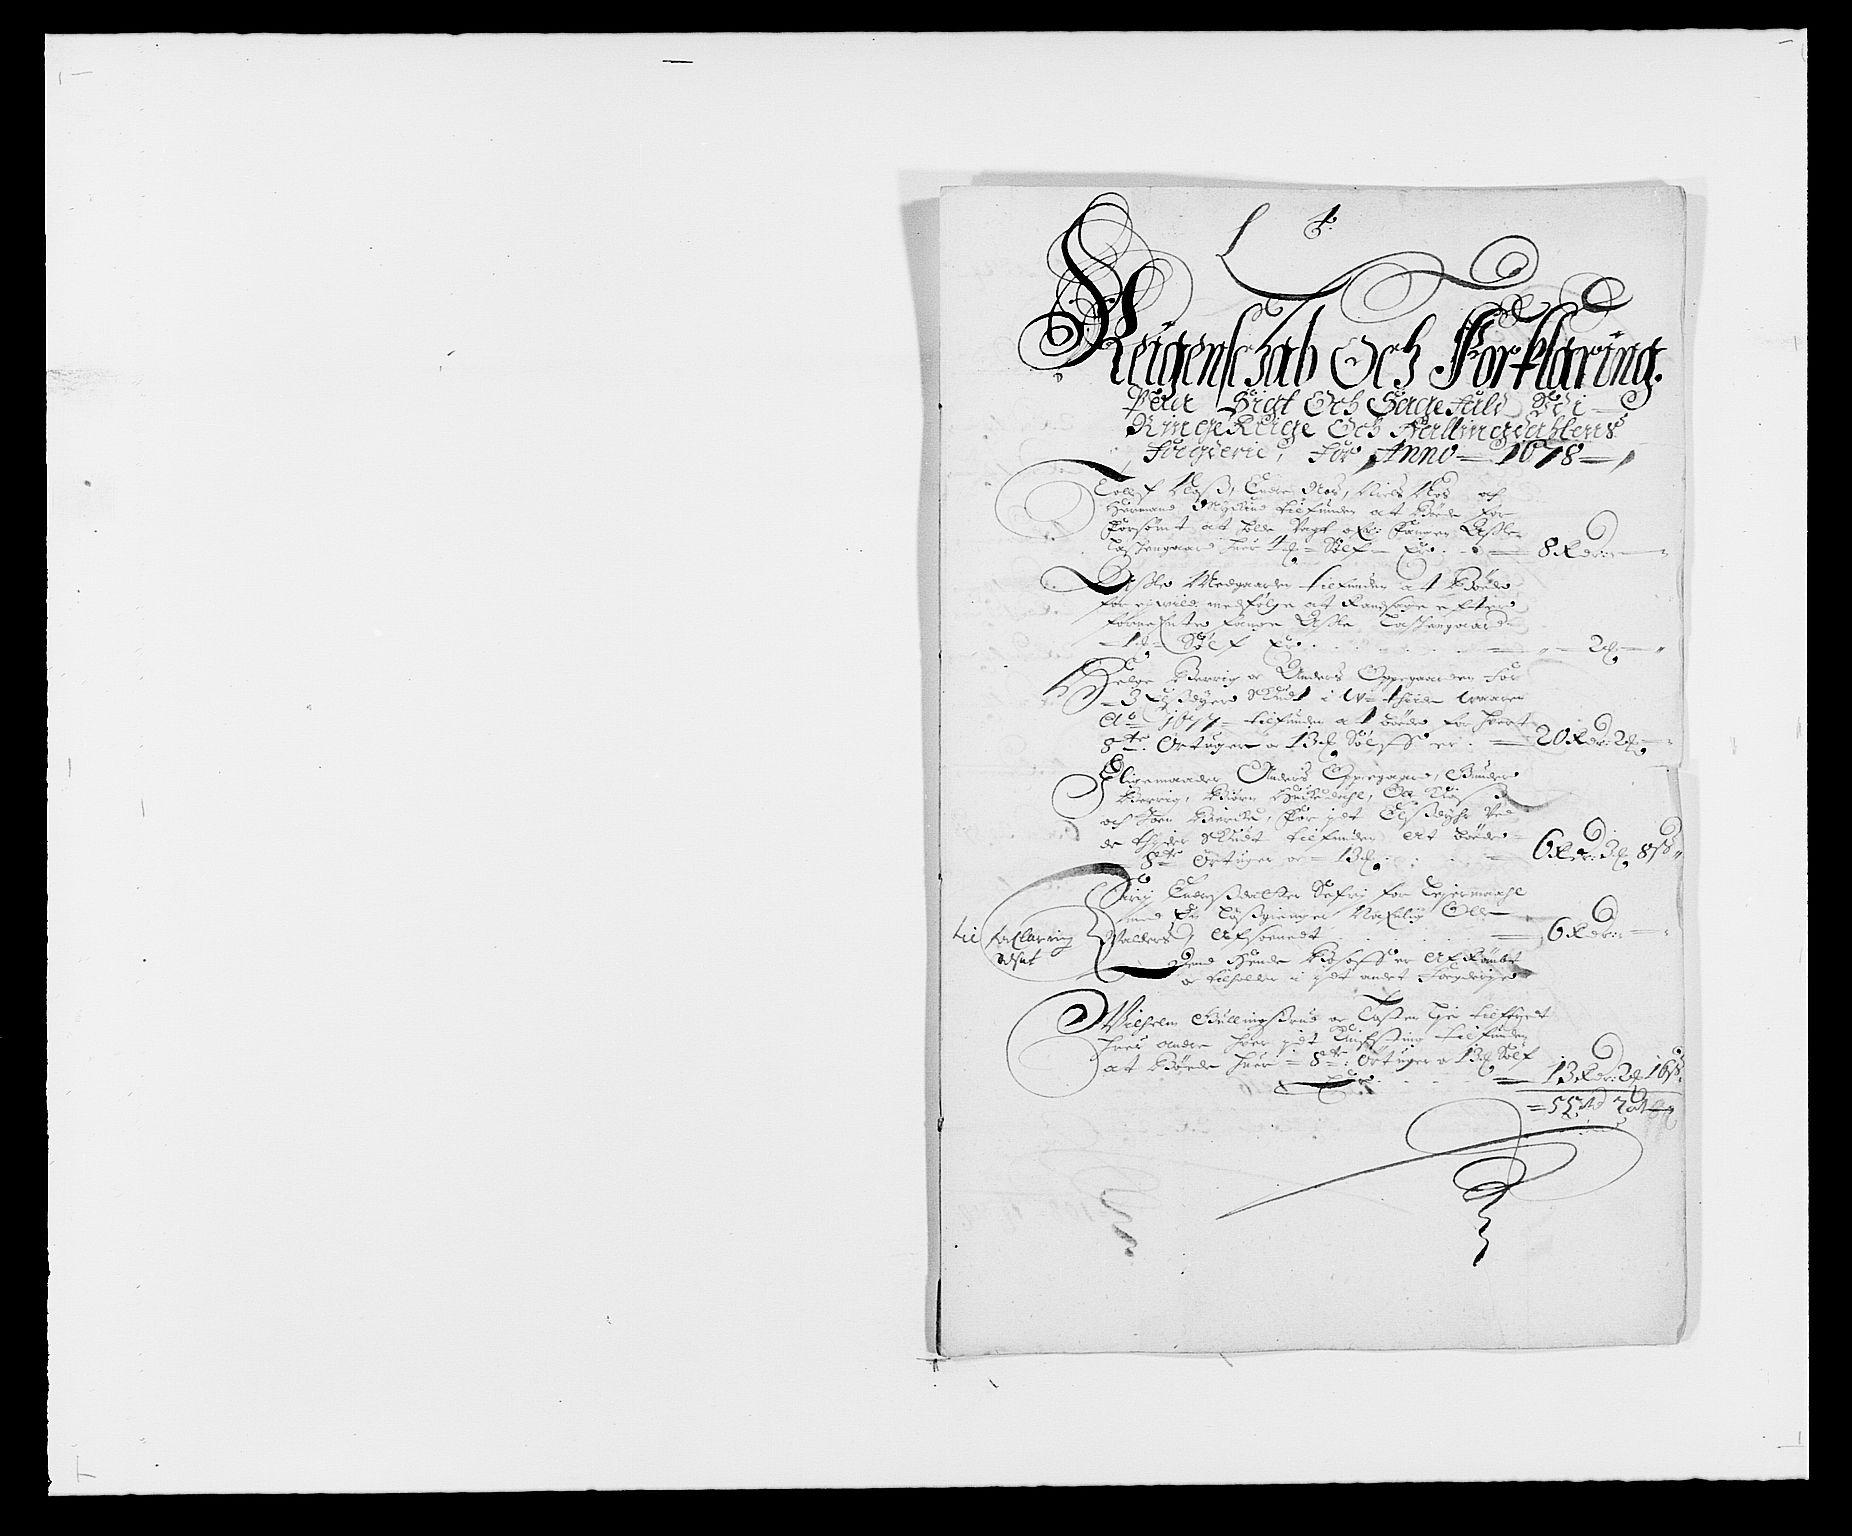 RA, Rentekammeret inntil 1814, Reviderte regnskaper, Fogderegnskap, R21/L1443: Fogderegnskap Ringerike og Hallingdal, 1678-1680, s. 111